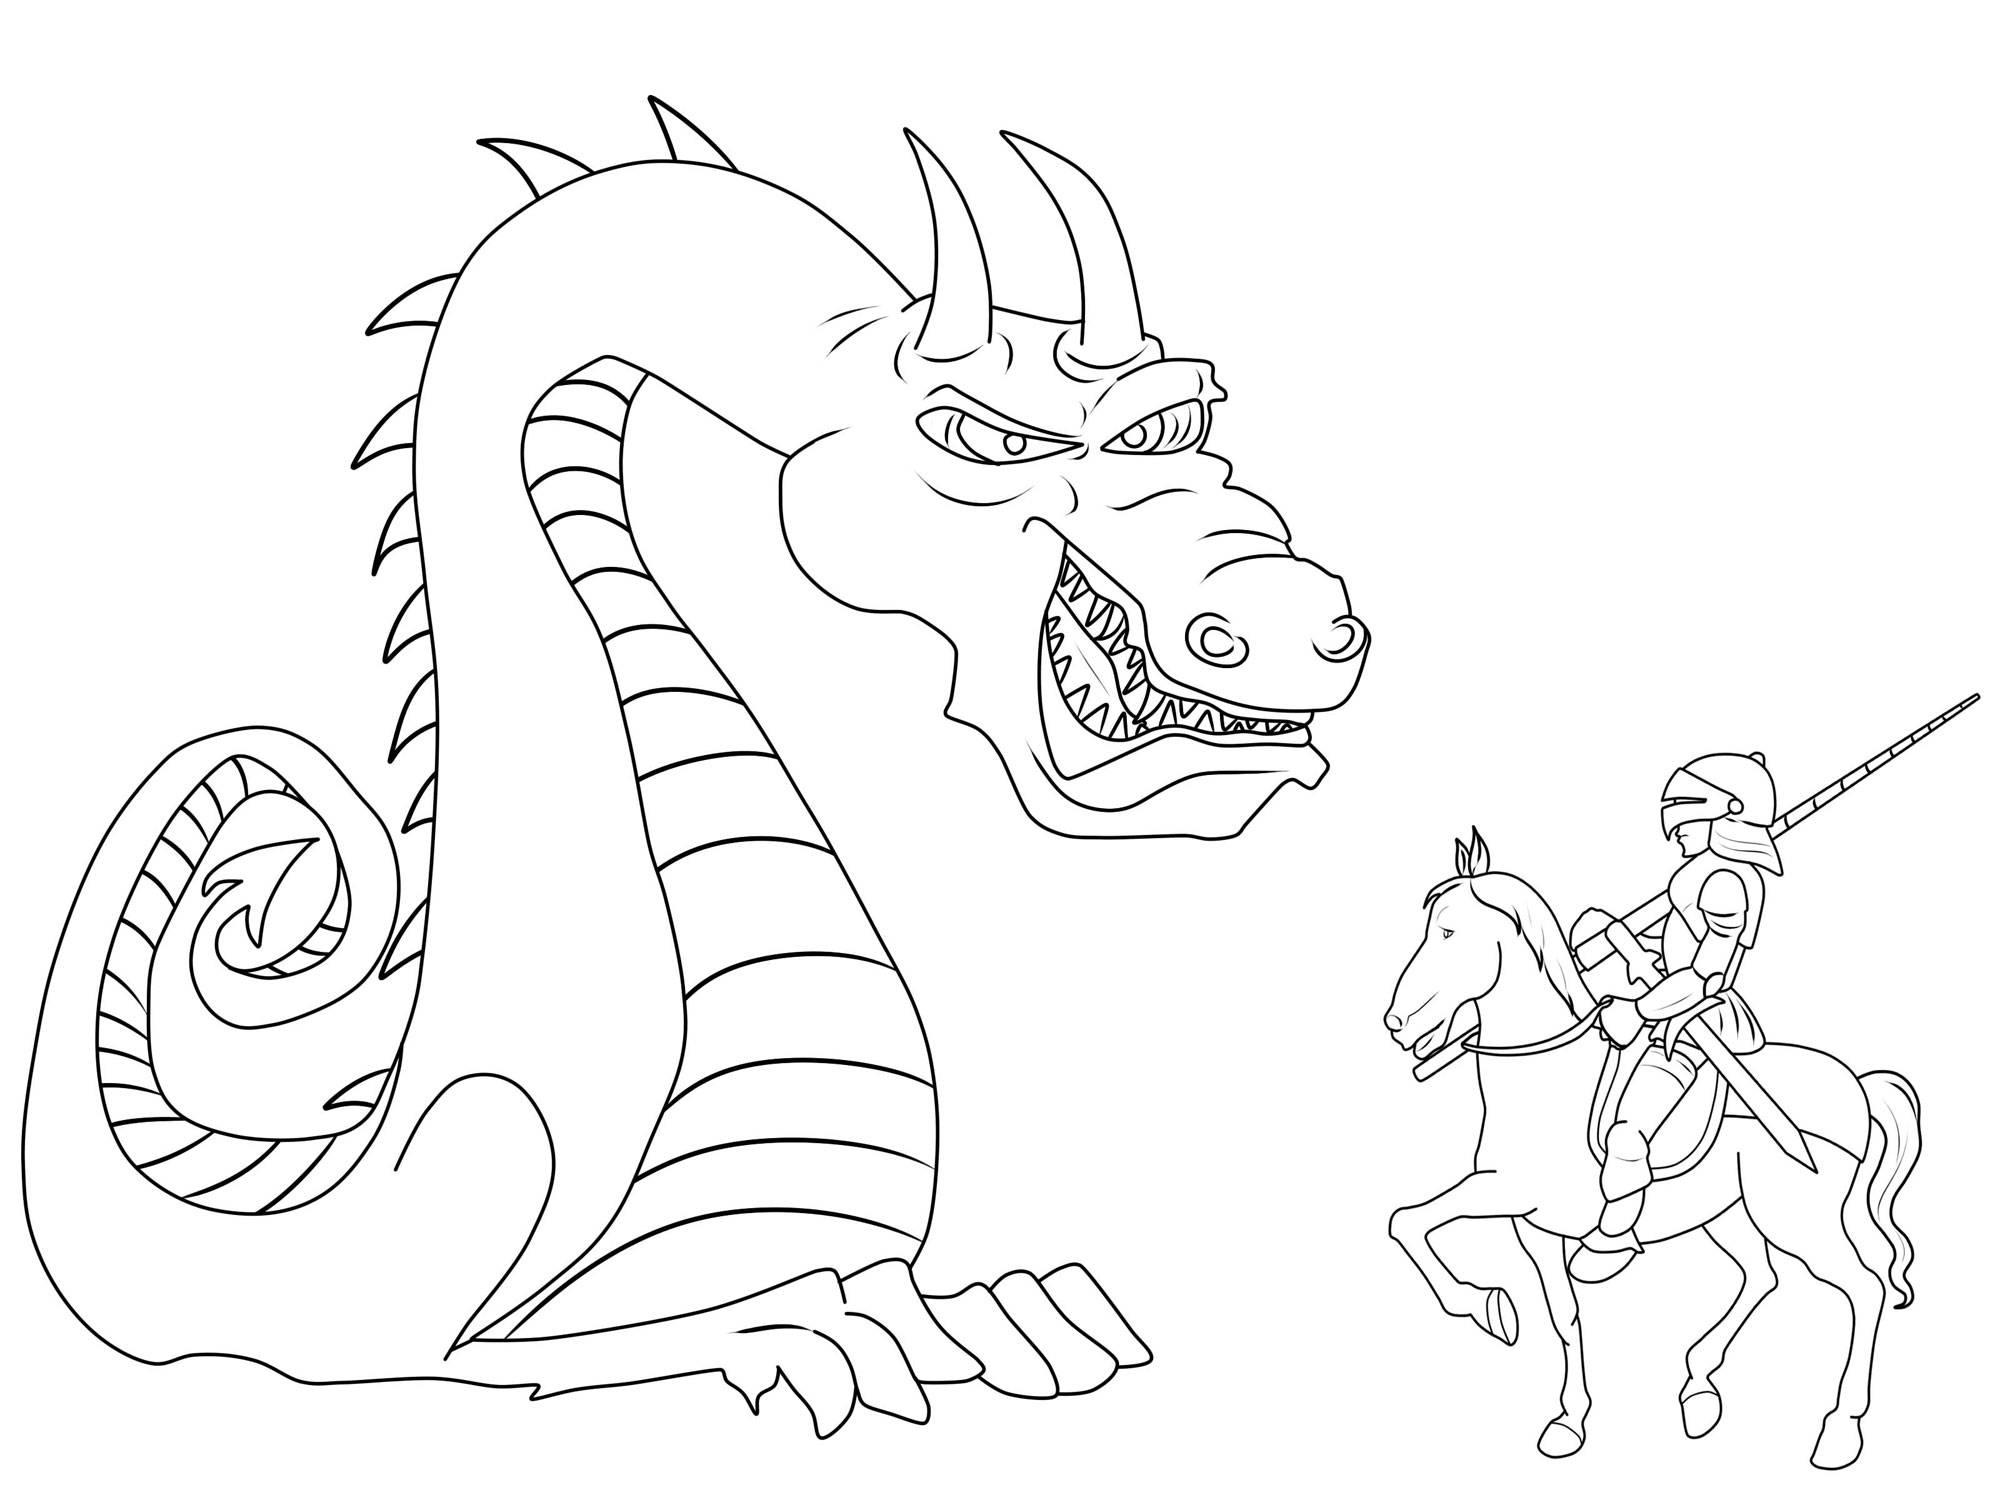 Ausmalbild Ritter und Drachen: Riesiger Drache und Ritter